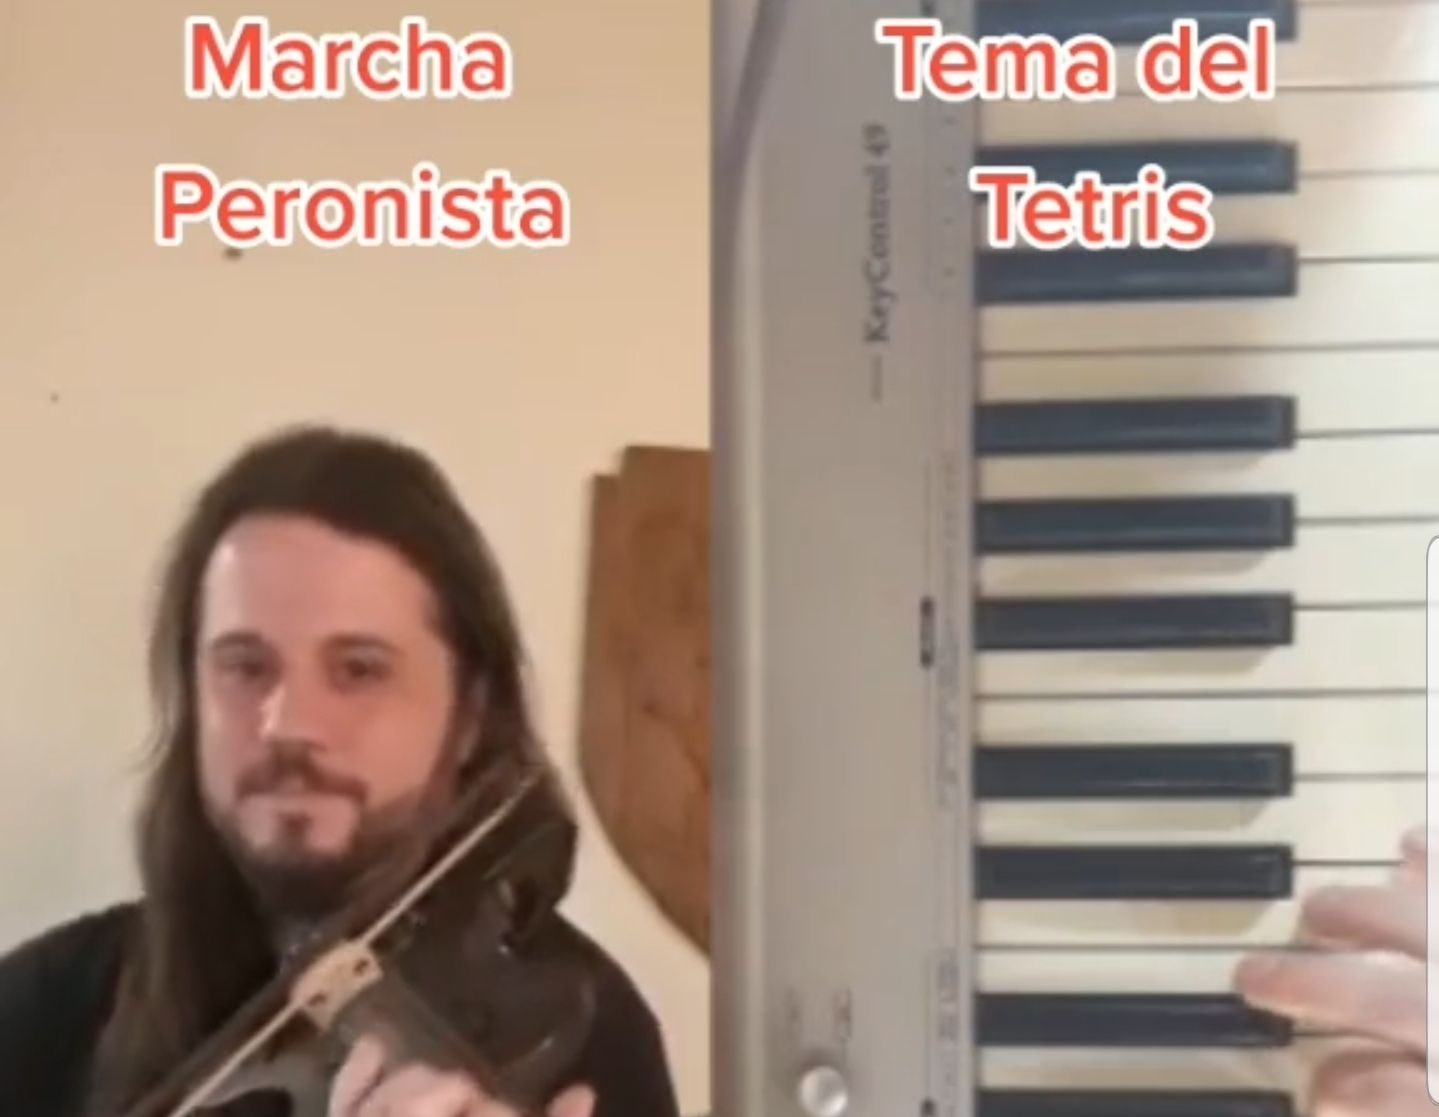 la marcha peronista y el tetris comparten acordes identicos